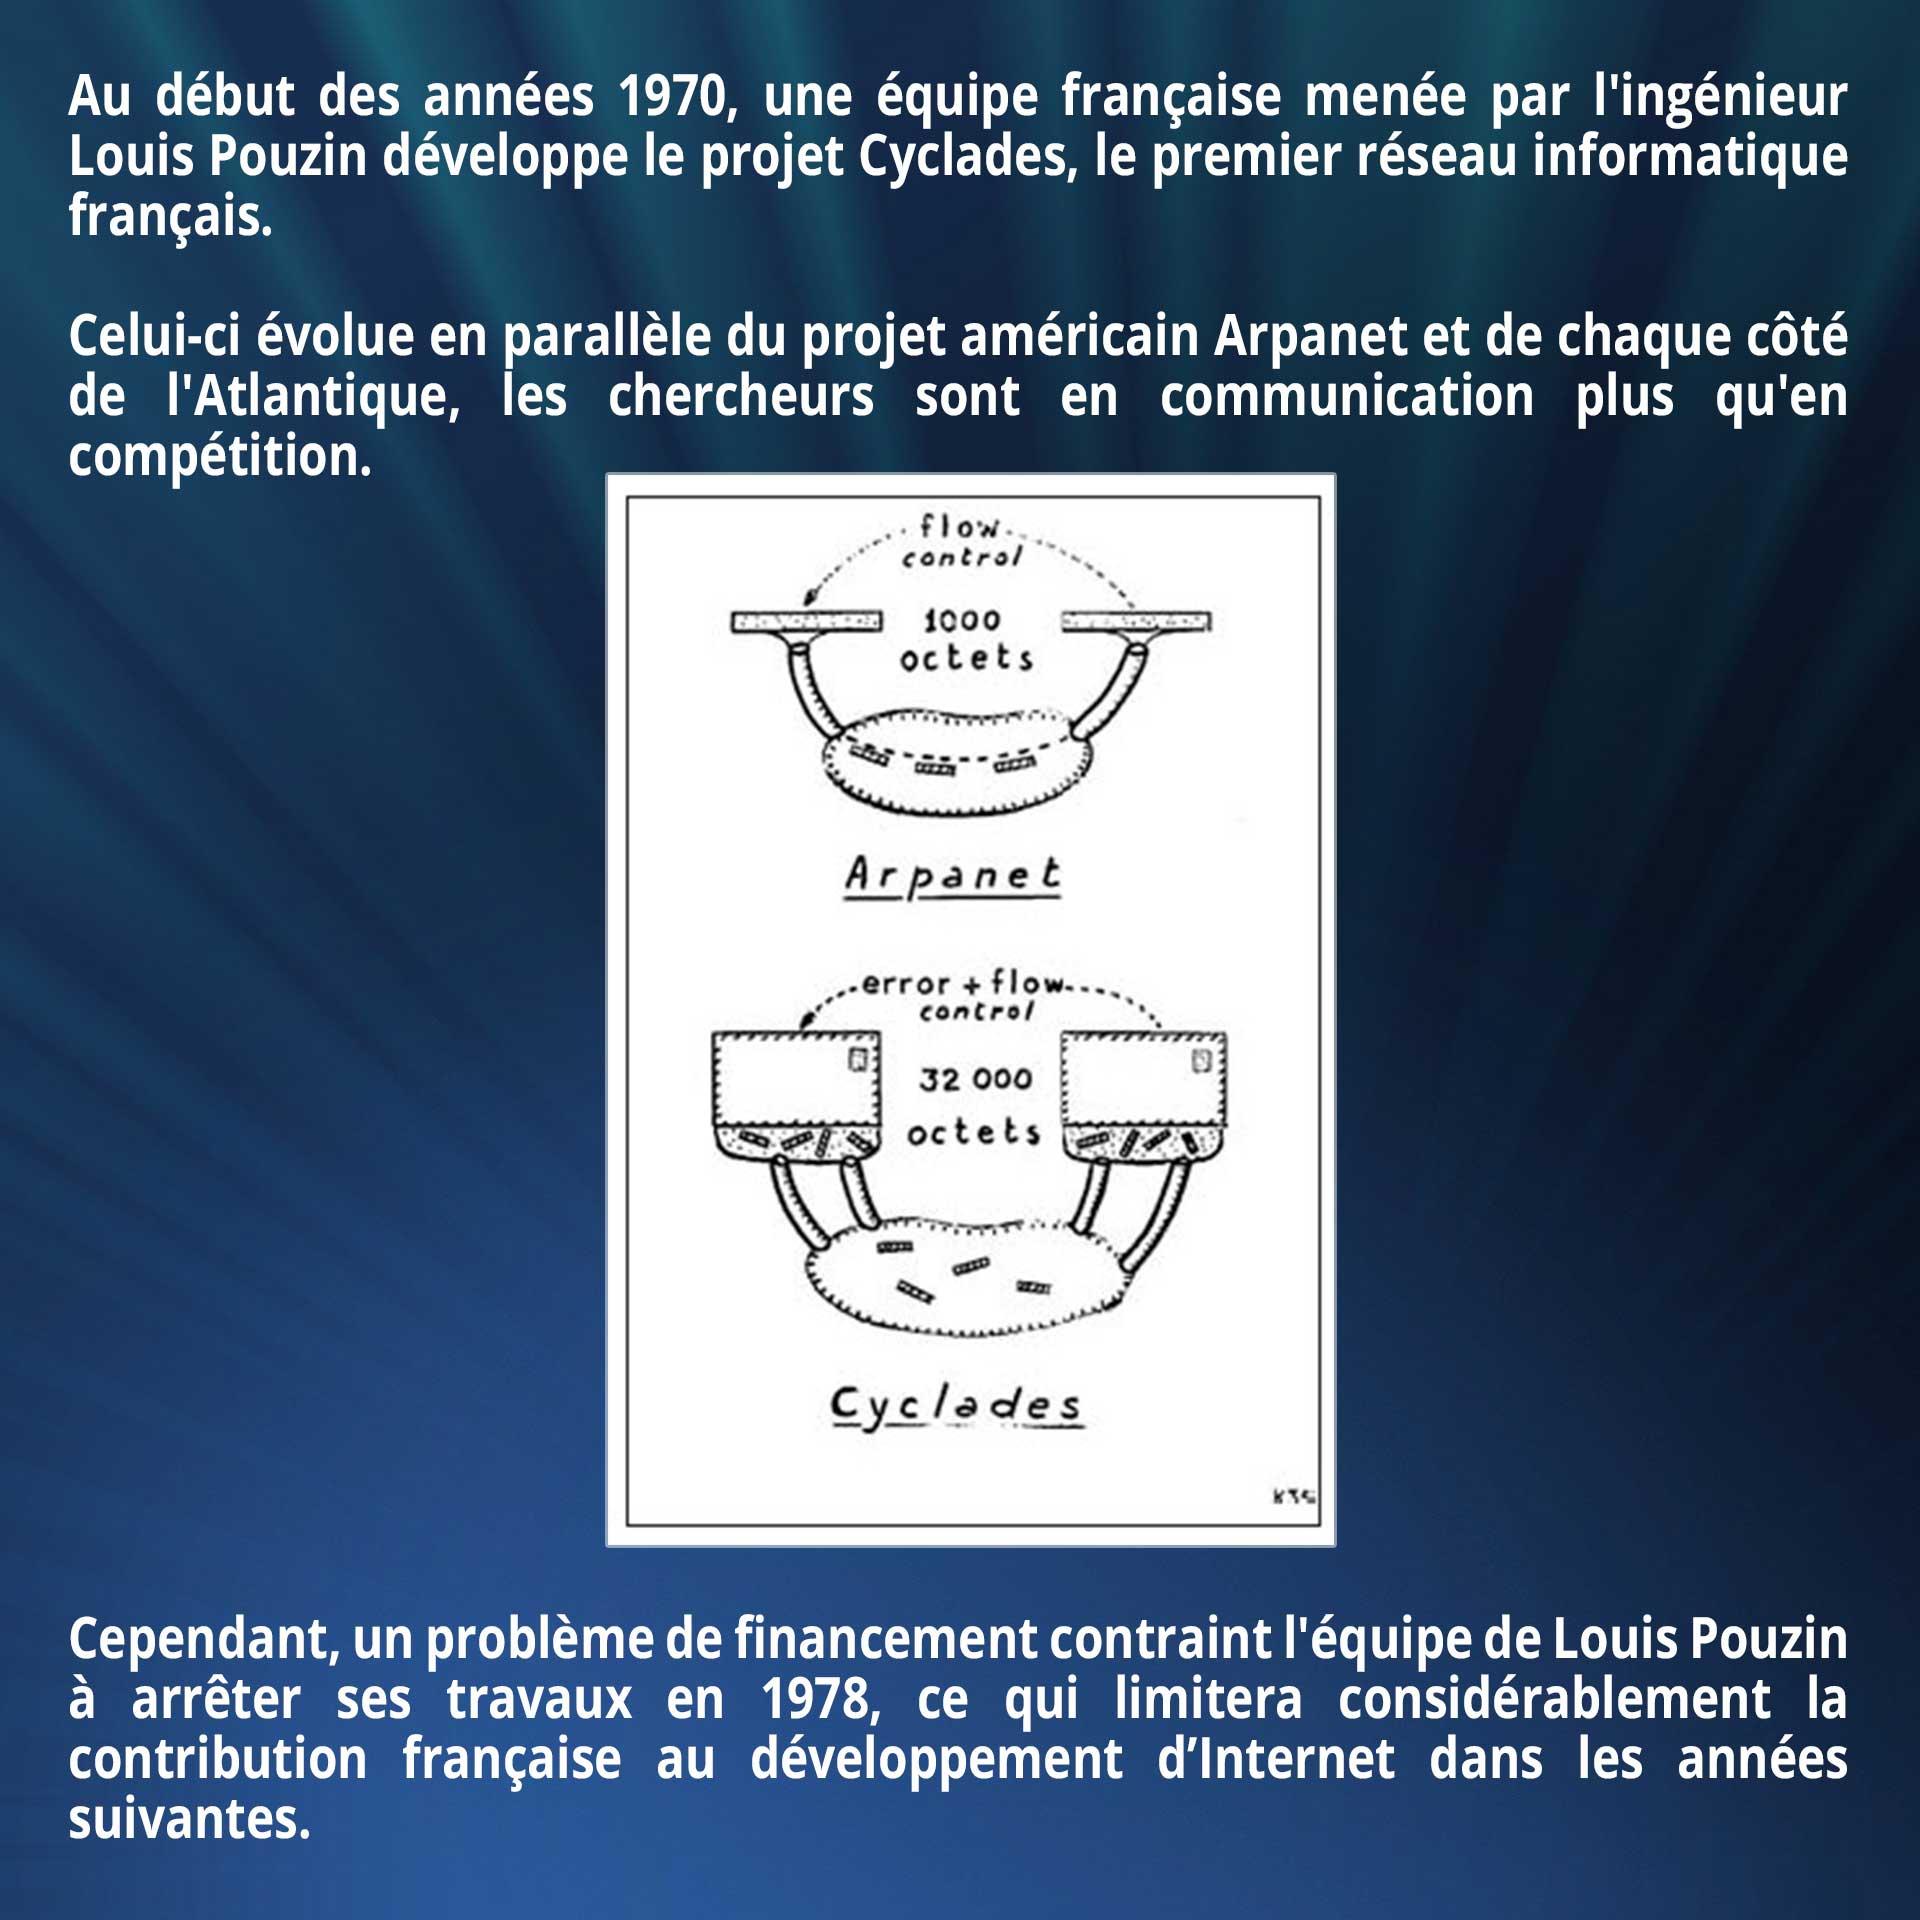 Au début des années 1970, une équipe française menée par l'ingénieur Louis Pouzin développe le projet Cyclades, le premier réseau informatique français. Celui-ci évolue en parallèle du projet américain Arpanet et de chaque côté de l'Atlantique, les chercheurs sont en communication plus qu'en compétition. Cependant, un problème de financement contraint l'équipe de Louis Pouzin à arrêter ses travaux en 1978, ce qui limitera considérablement la contribution française au développement d'Internet dans les années suivantes.